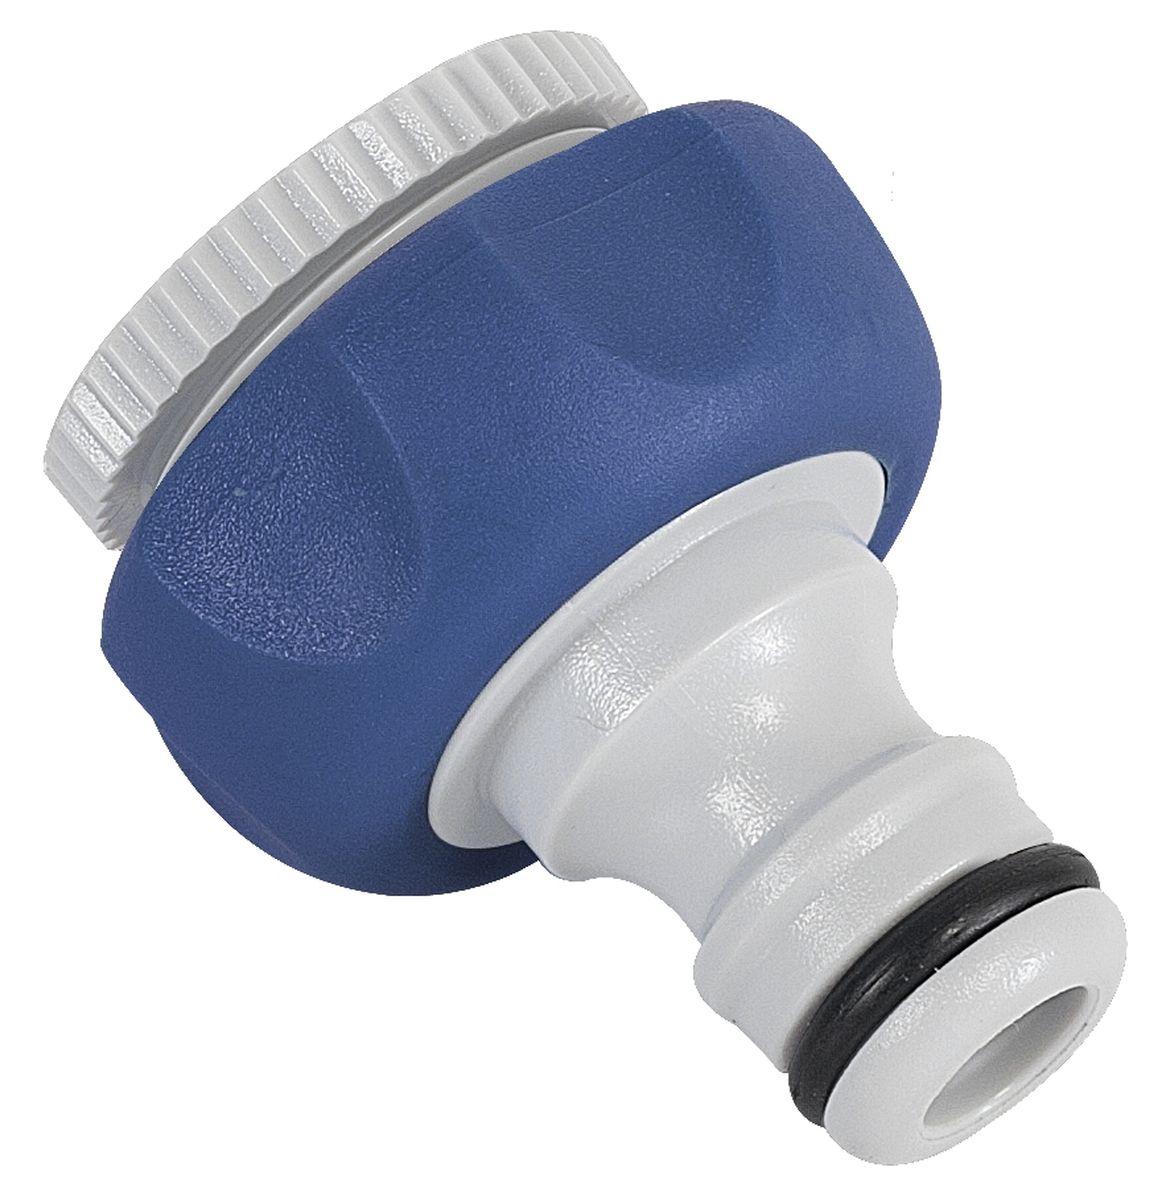 Штуцер резьбовой Green Apple, с переходником, диаметр 12 мм - 19 ммGWTA20-055Резьбовой штуцер Green Apple изготовлен из высококачественного прочного пластика и термопластичной резины. Штуцер предназначен для соединения шлангов и насадок с кранами, имеющими внешнюю резьбу. В комплекте - дополнительный переходник.Диаметр: 1/2, 3/4.